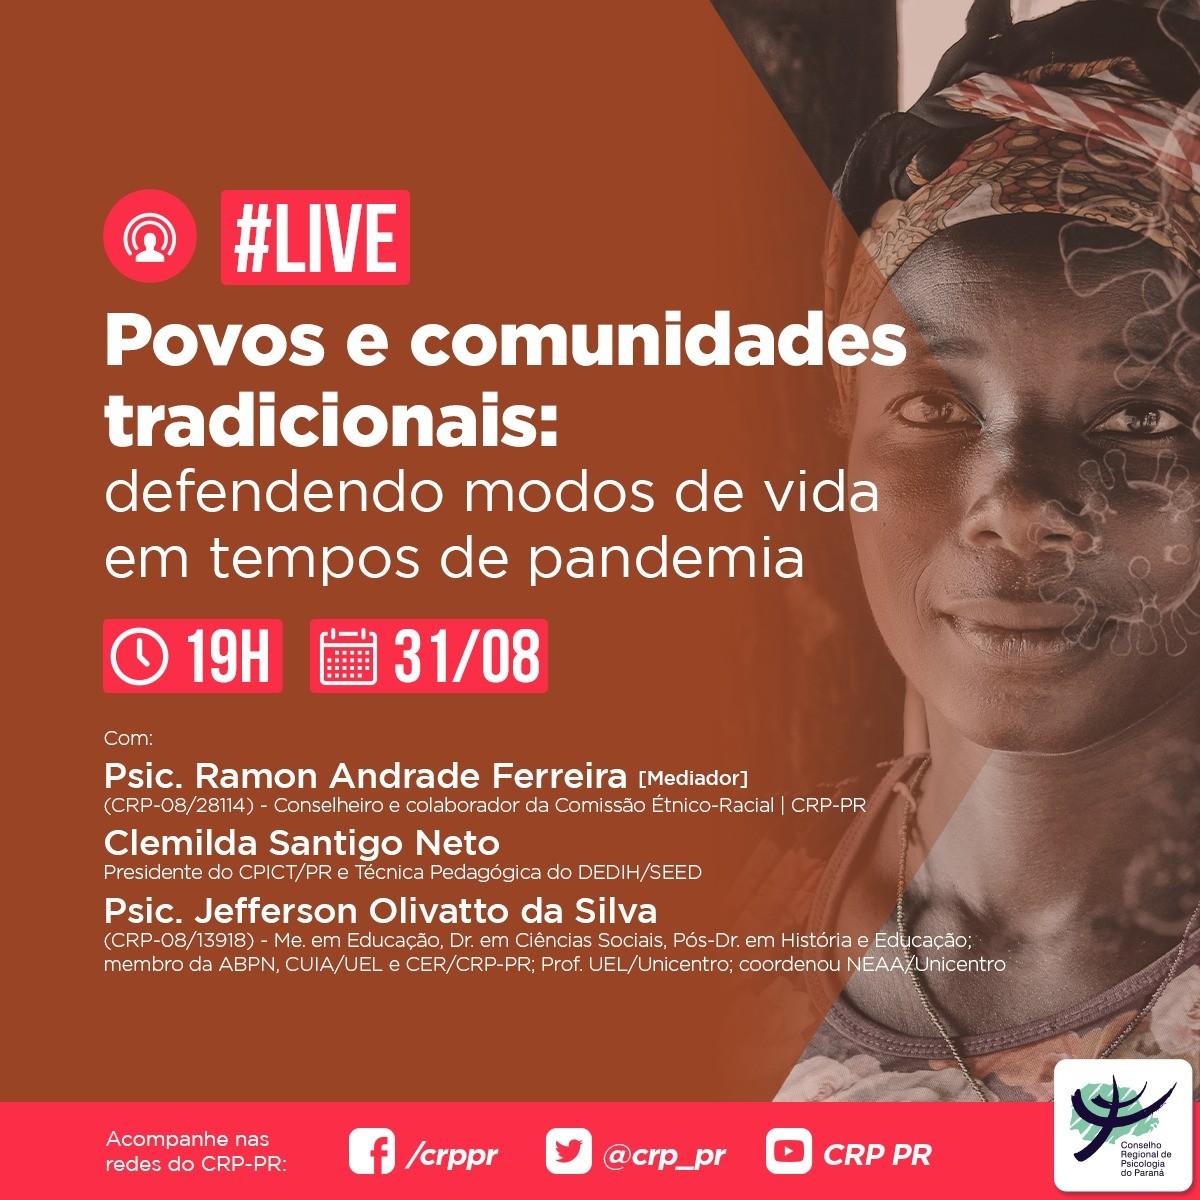 Live | Povos e comunidades tradicionais: defendendo modos de vida em tempos de pandemia